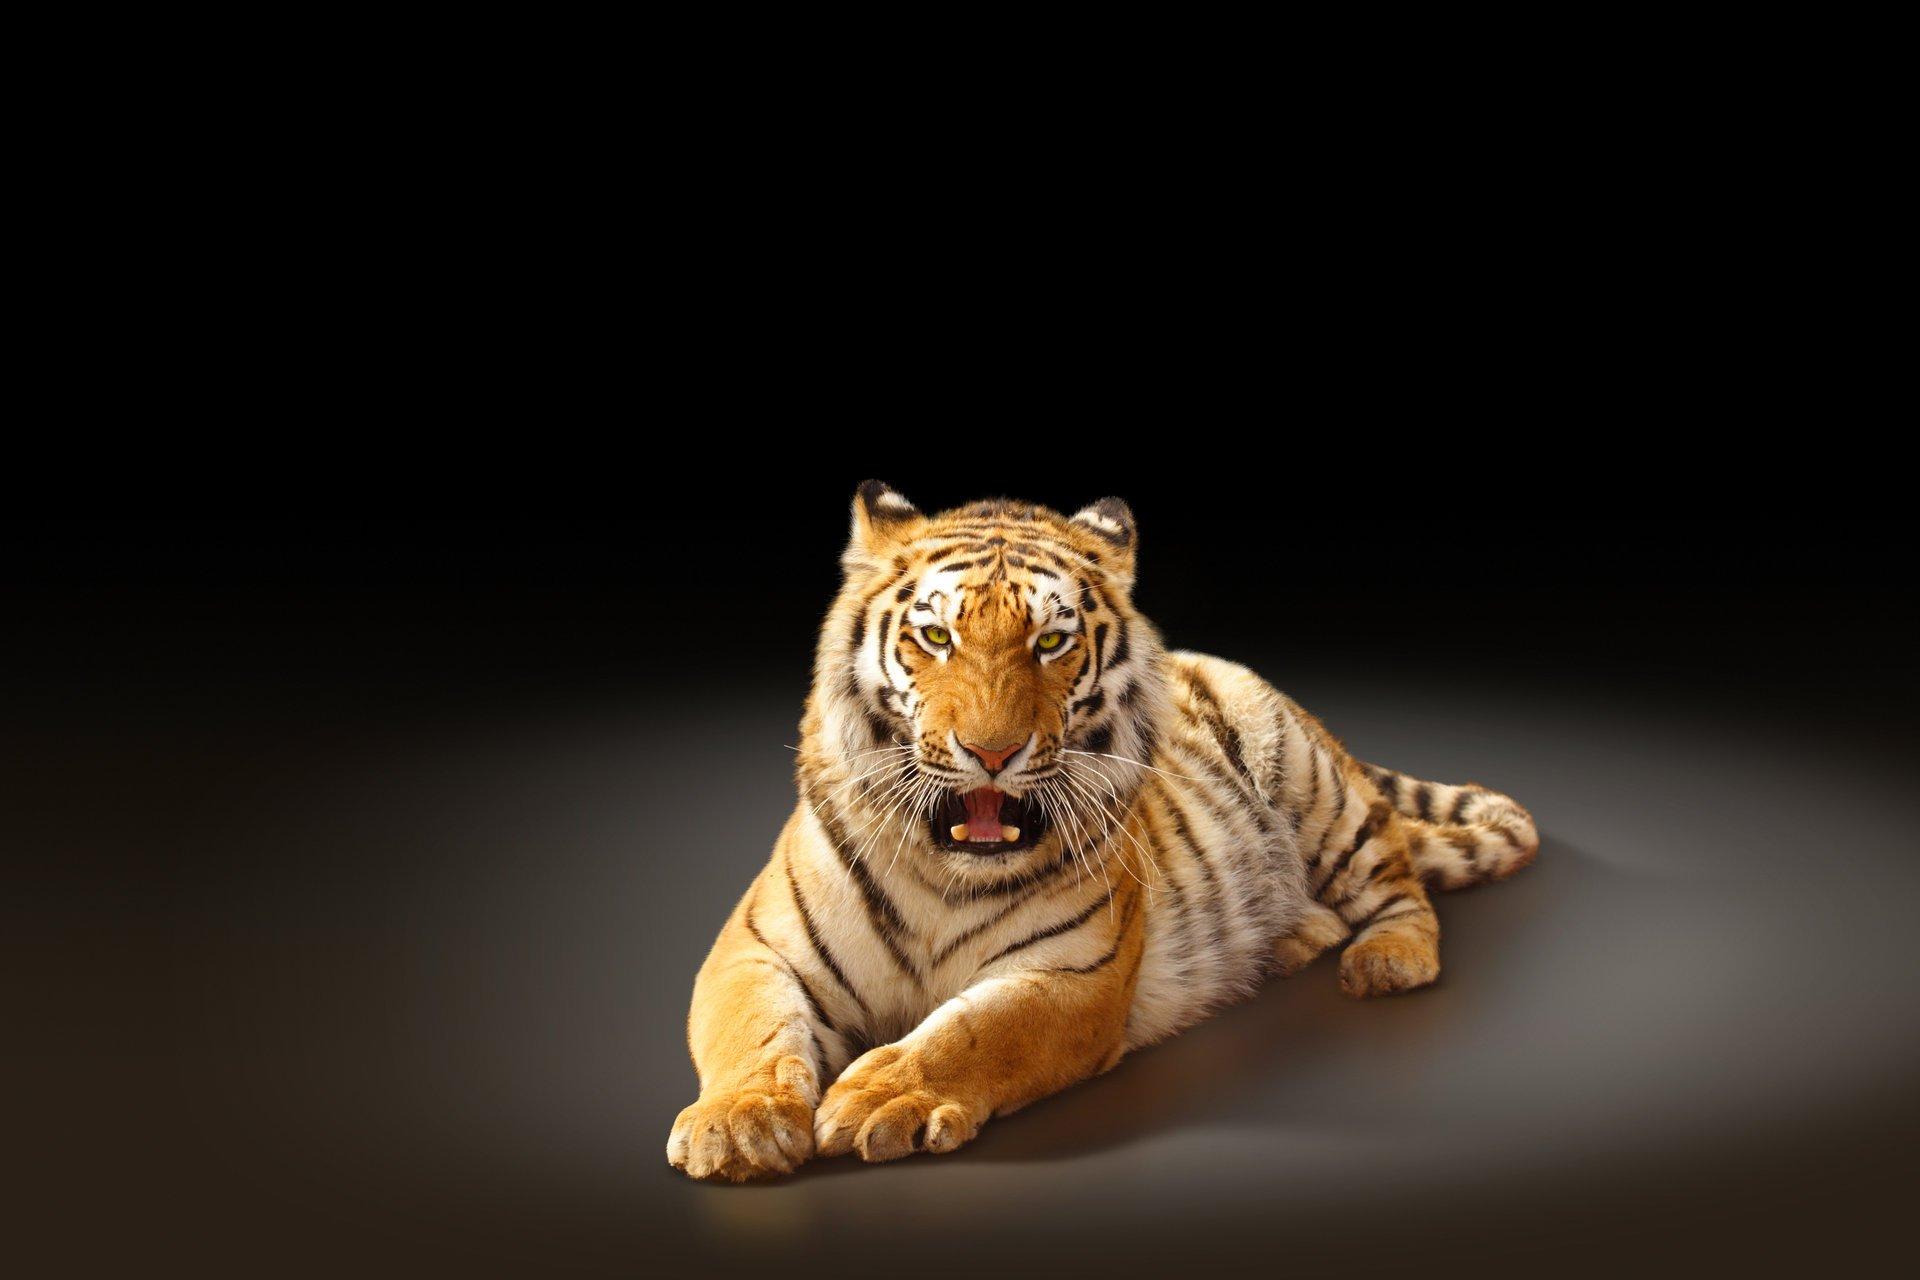 Тигр картинка на планшете